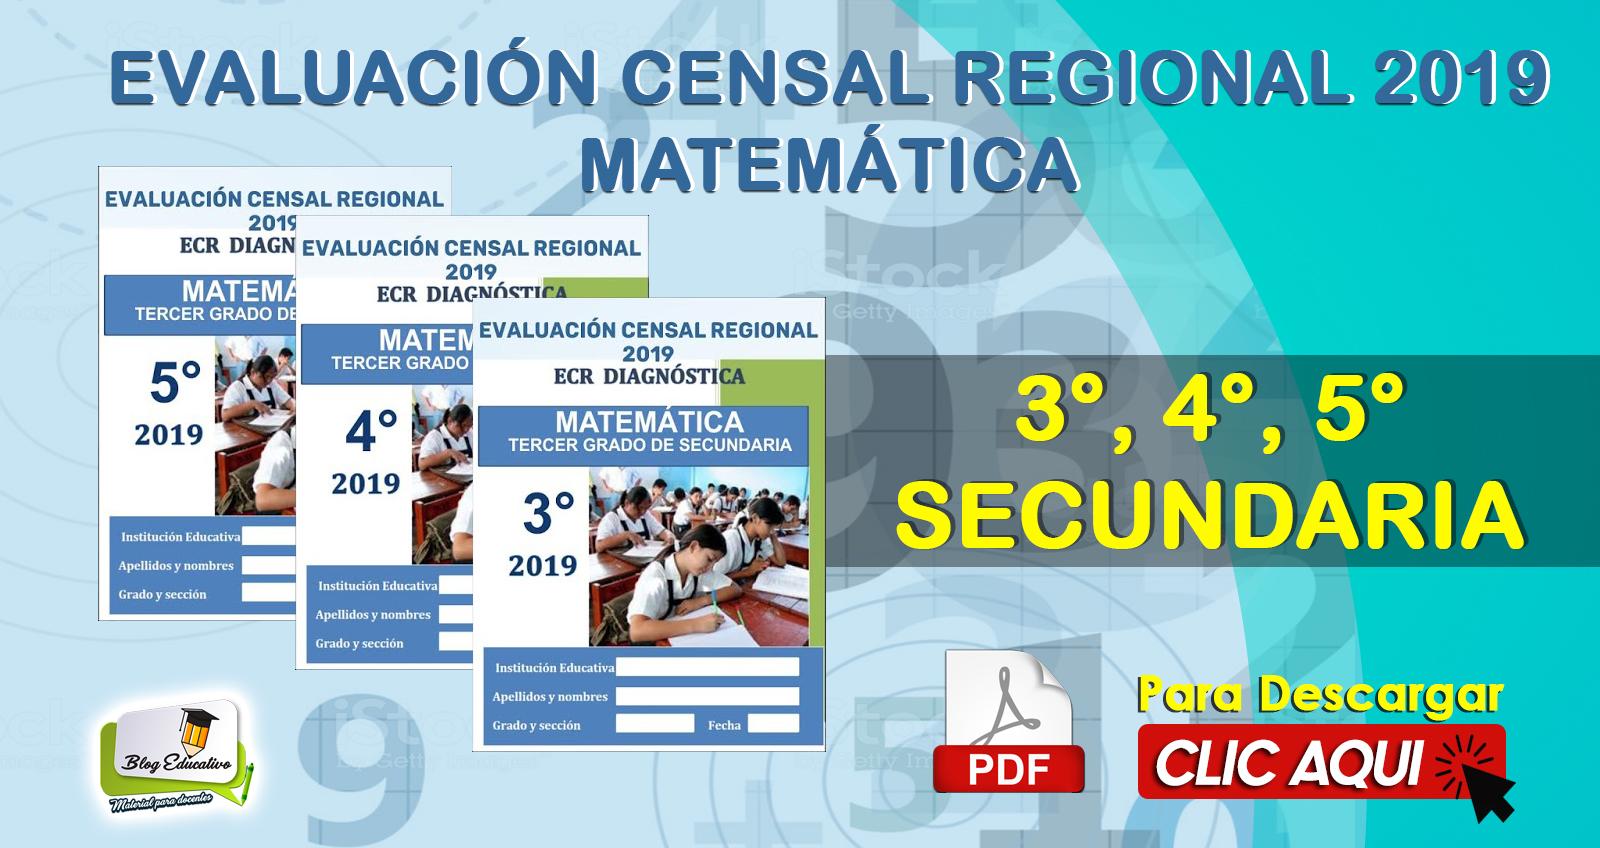 EVALUACIÓN CENSAL REGIONAL 2019 MATEMÁTICA 3°, 4°, 5° SECUNDARIA